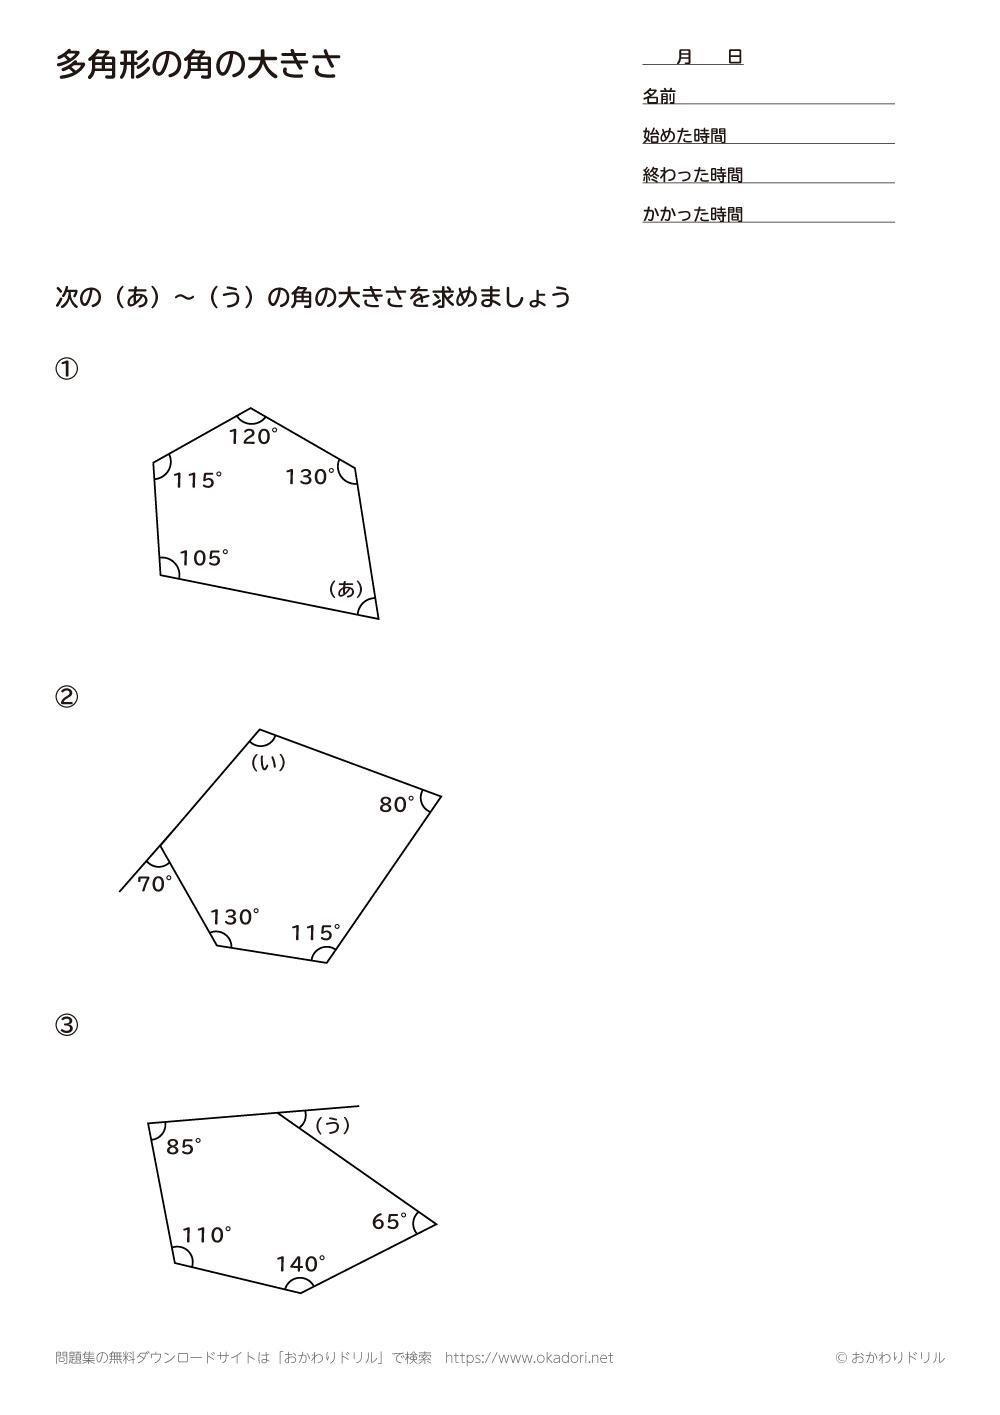 多角形の角の大きさ3